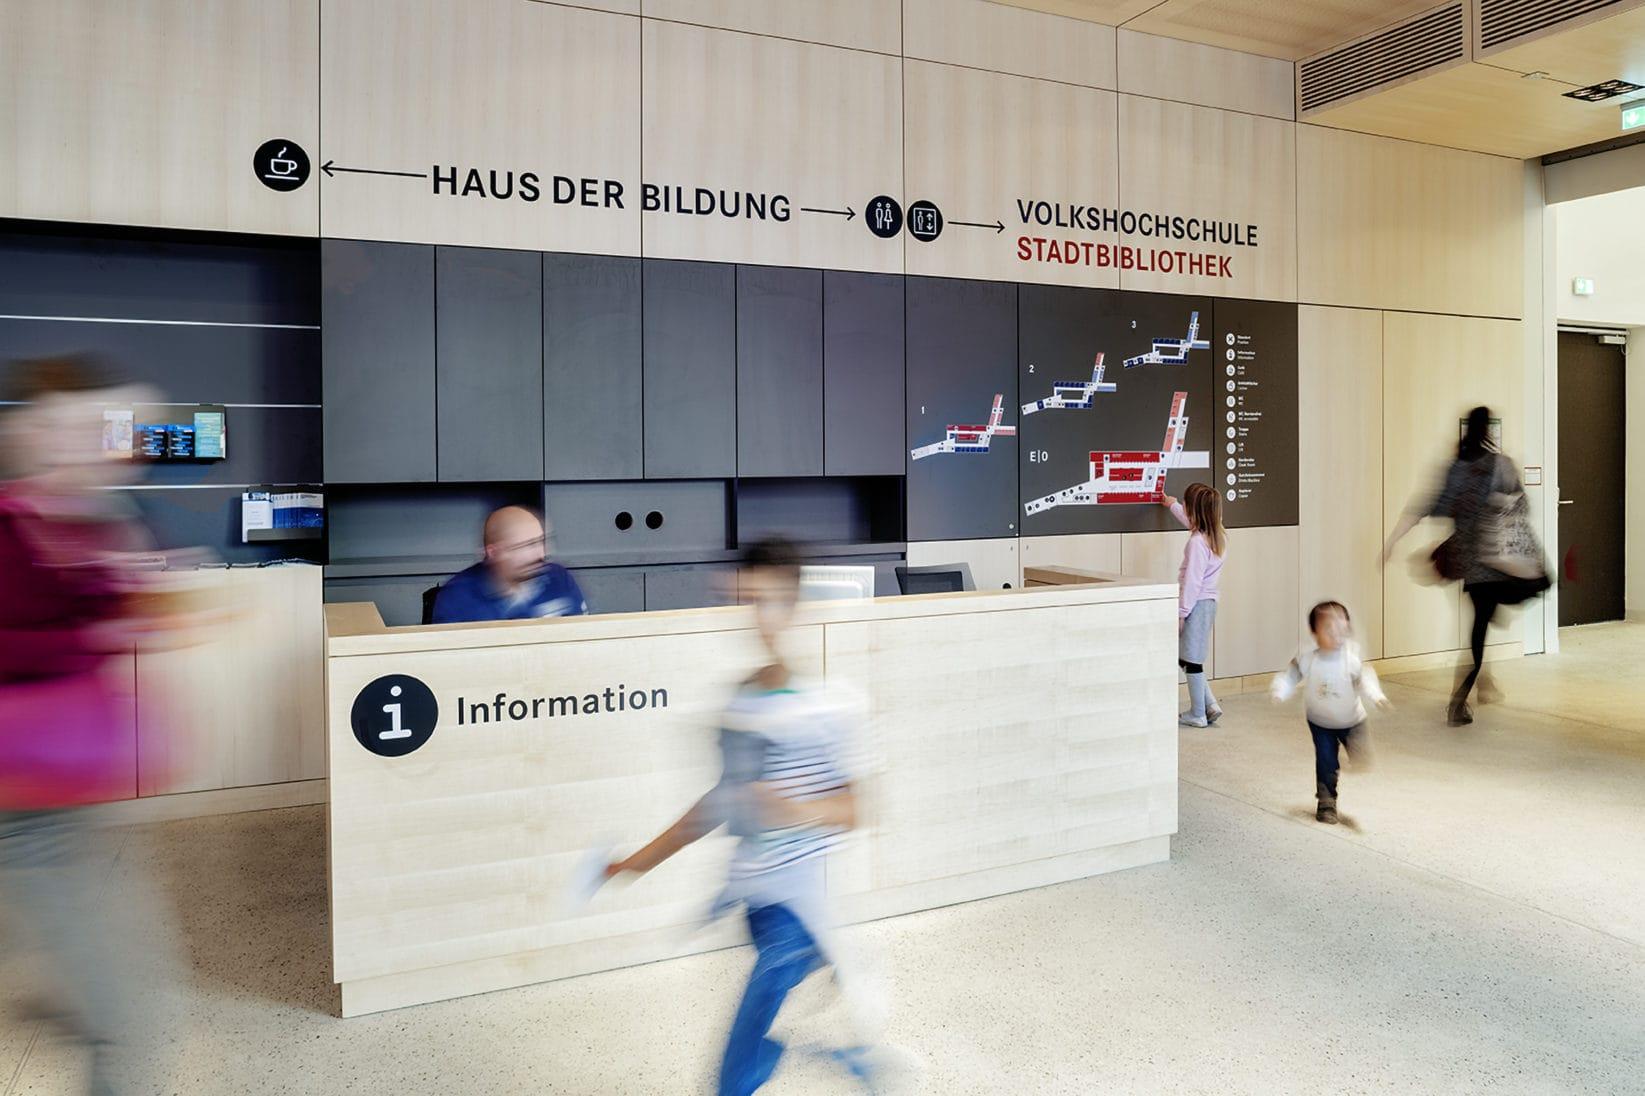 Haus der Bildung Information